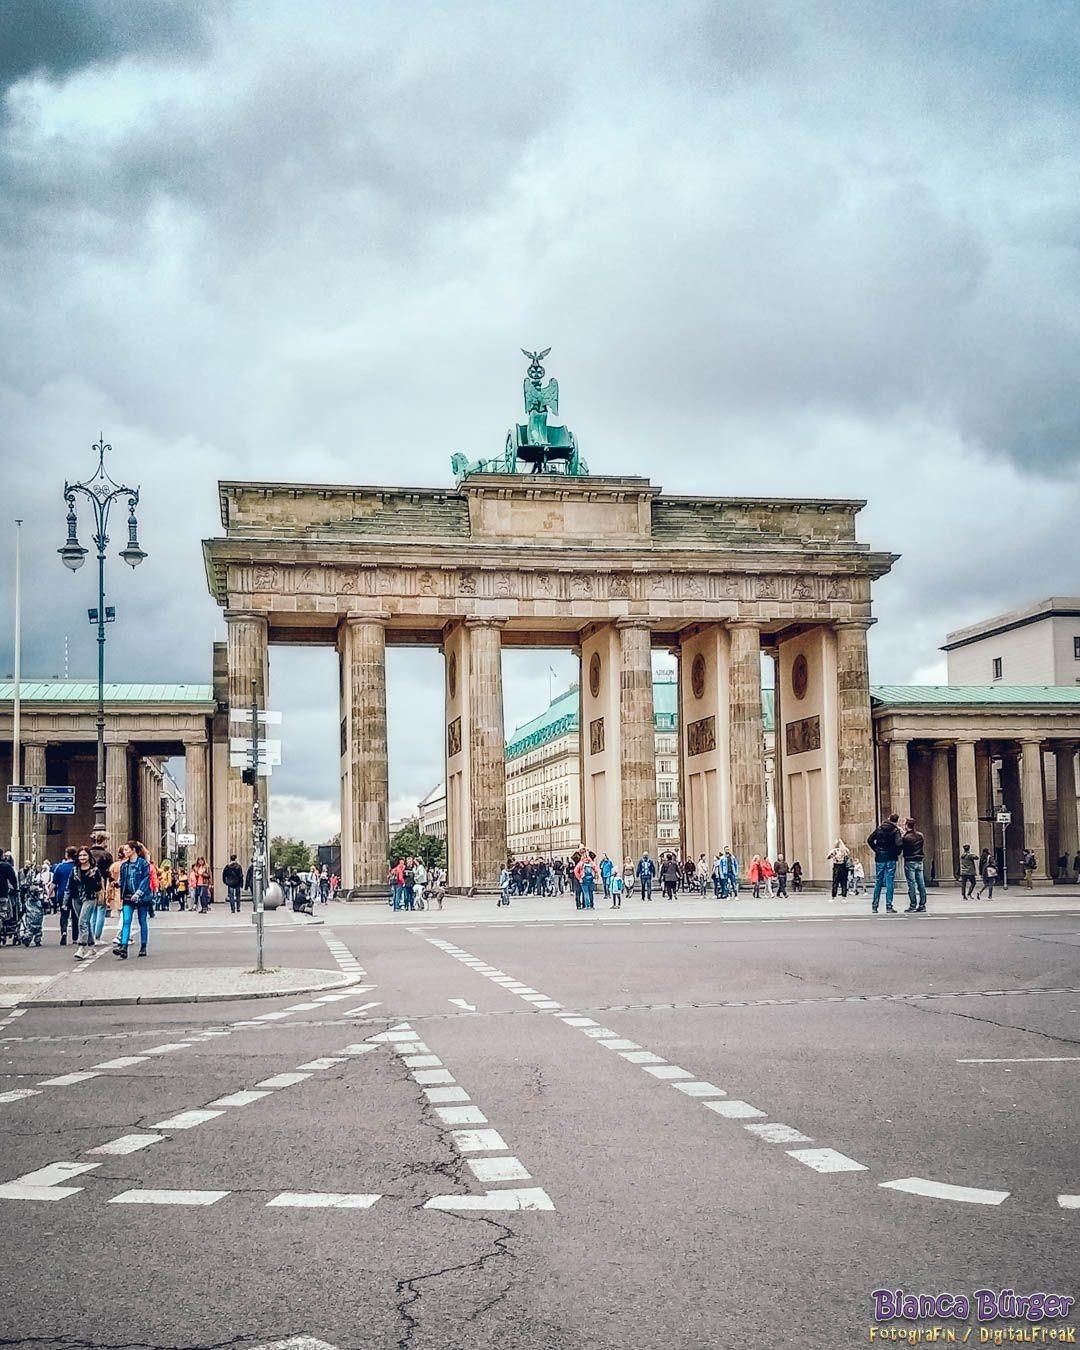 Zum Tag Der Deutschen Einheit Passend Das Brandenburger Tor Vor 30 Jahren Trat Die Deutsche Dem In 2020 Tag Der Deutschen Einheit Deutsche Einheit Brandenburger Tor